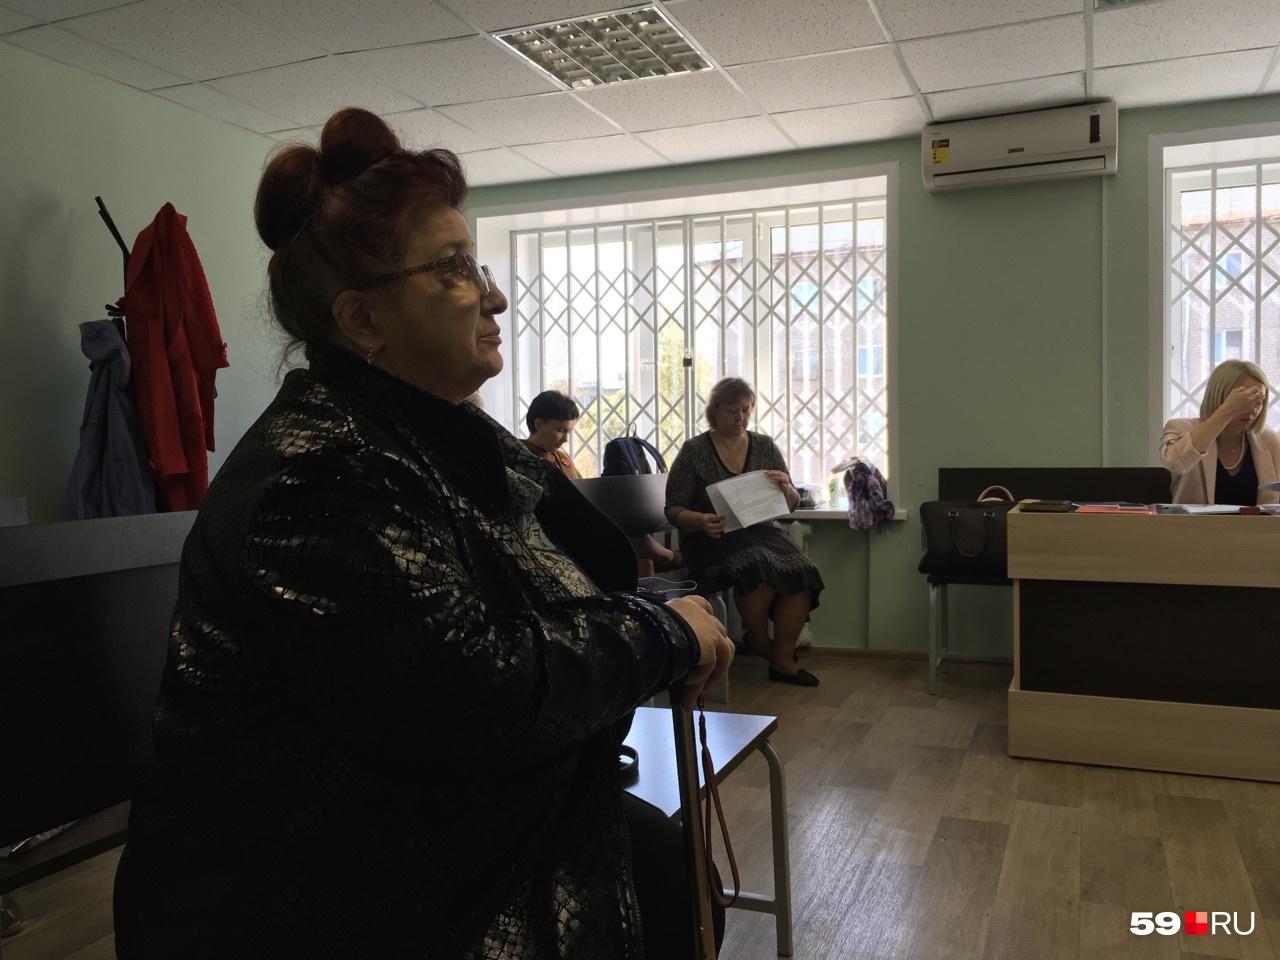 Педиатр Елизавета Белянкина сообщила, что у девочки был дефицит массы тела первой степени, но это незначительное отклонение